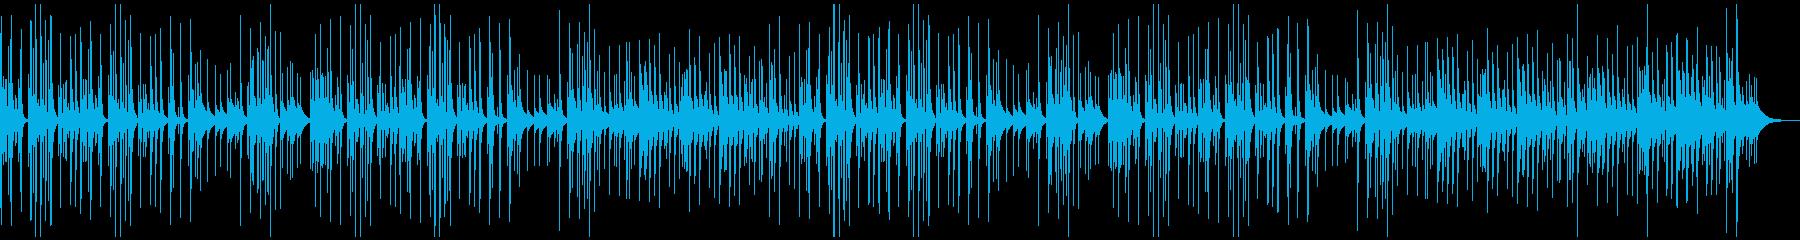 ほのぼの系BGMの再生済みの波形